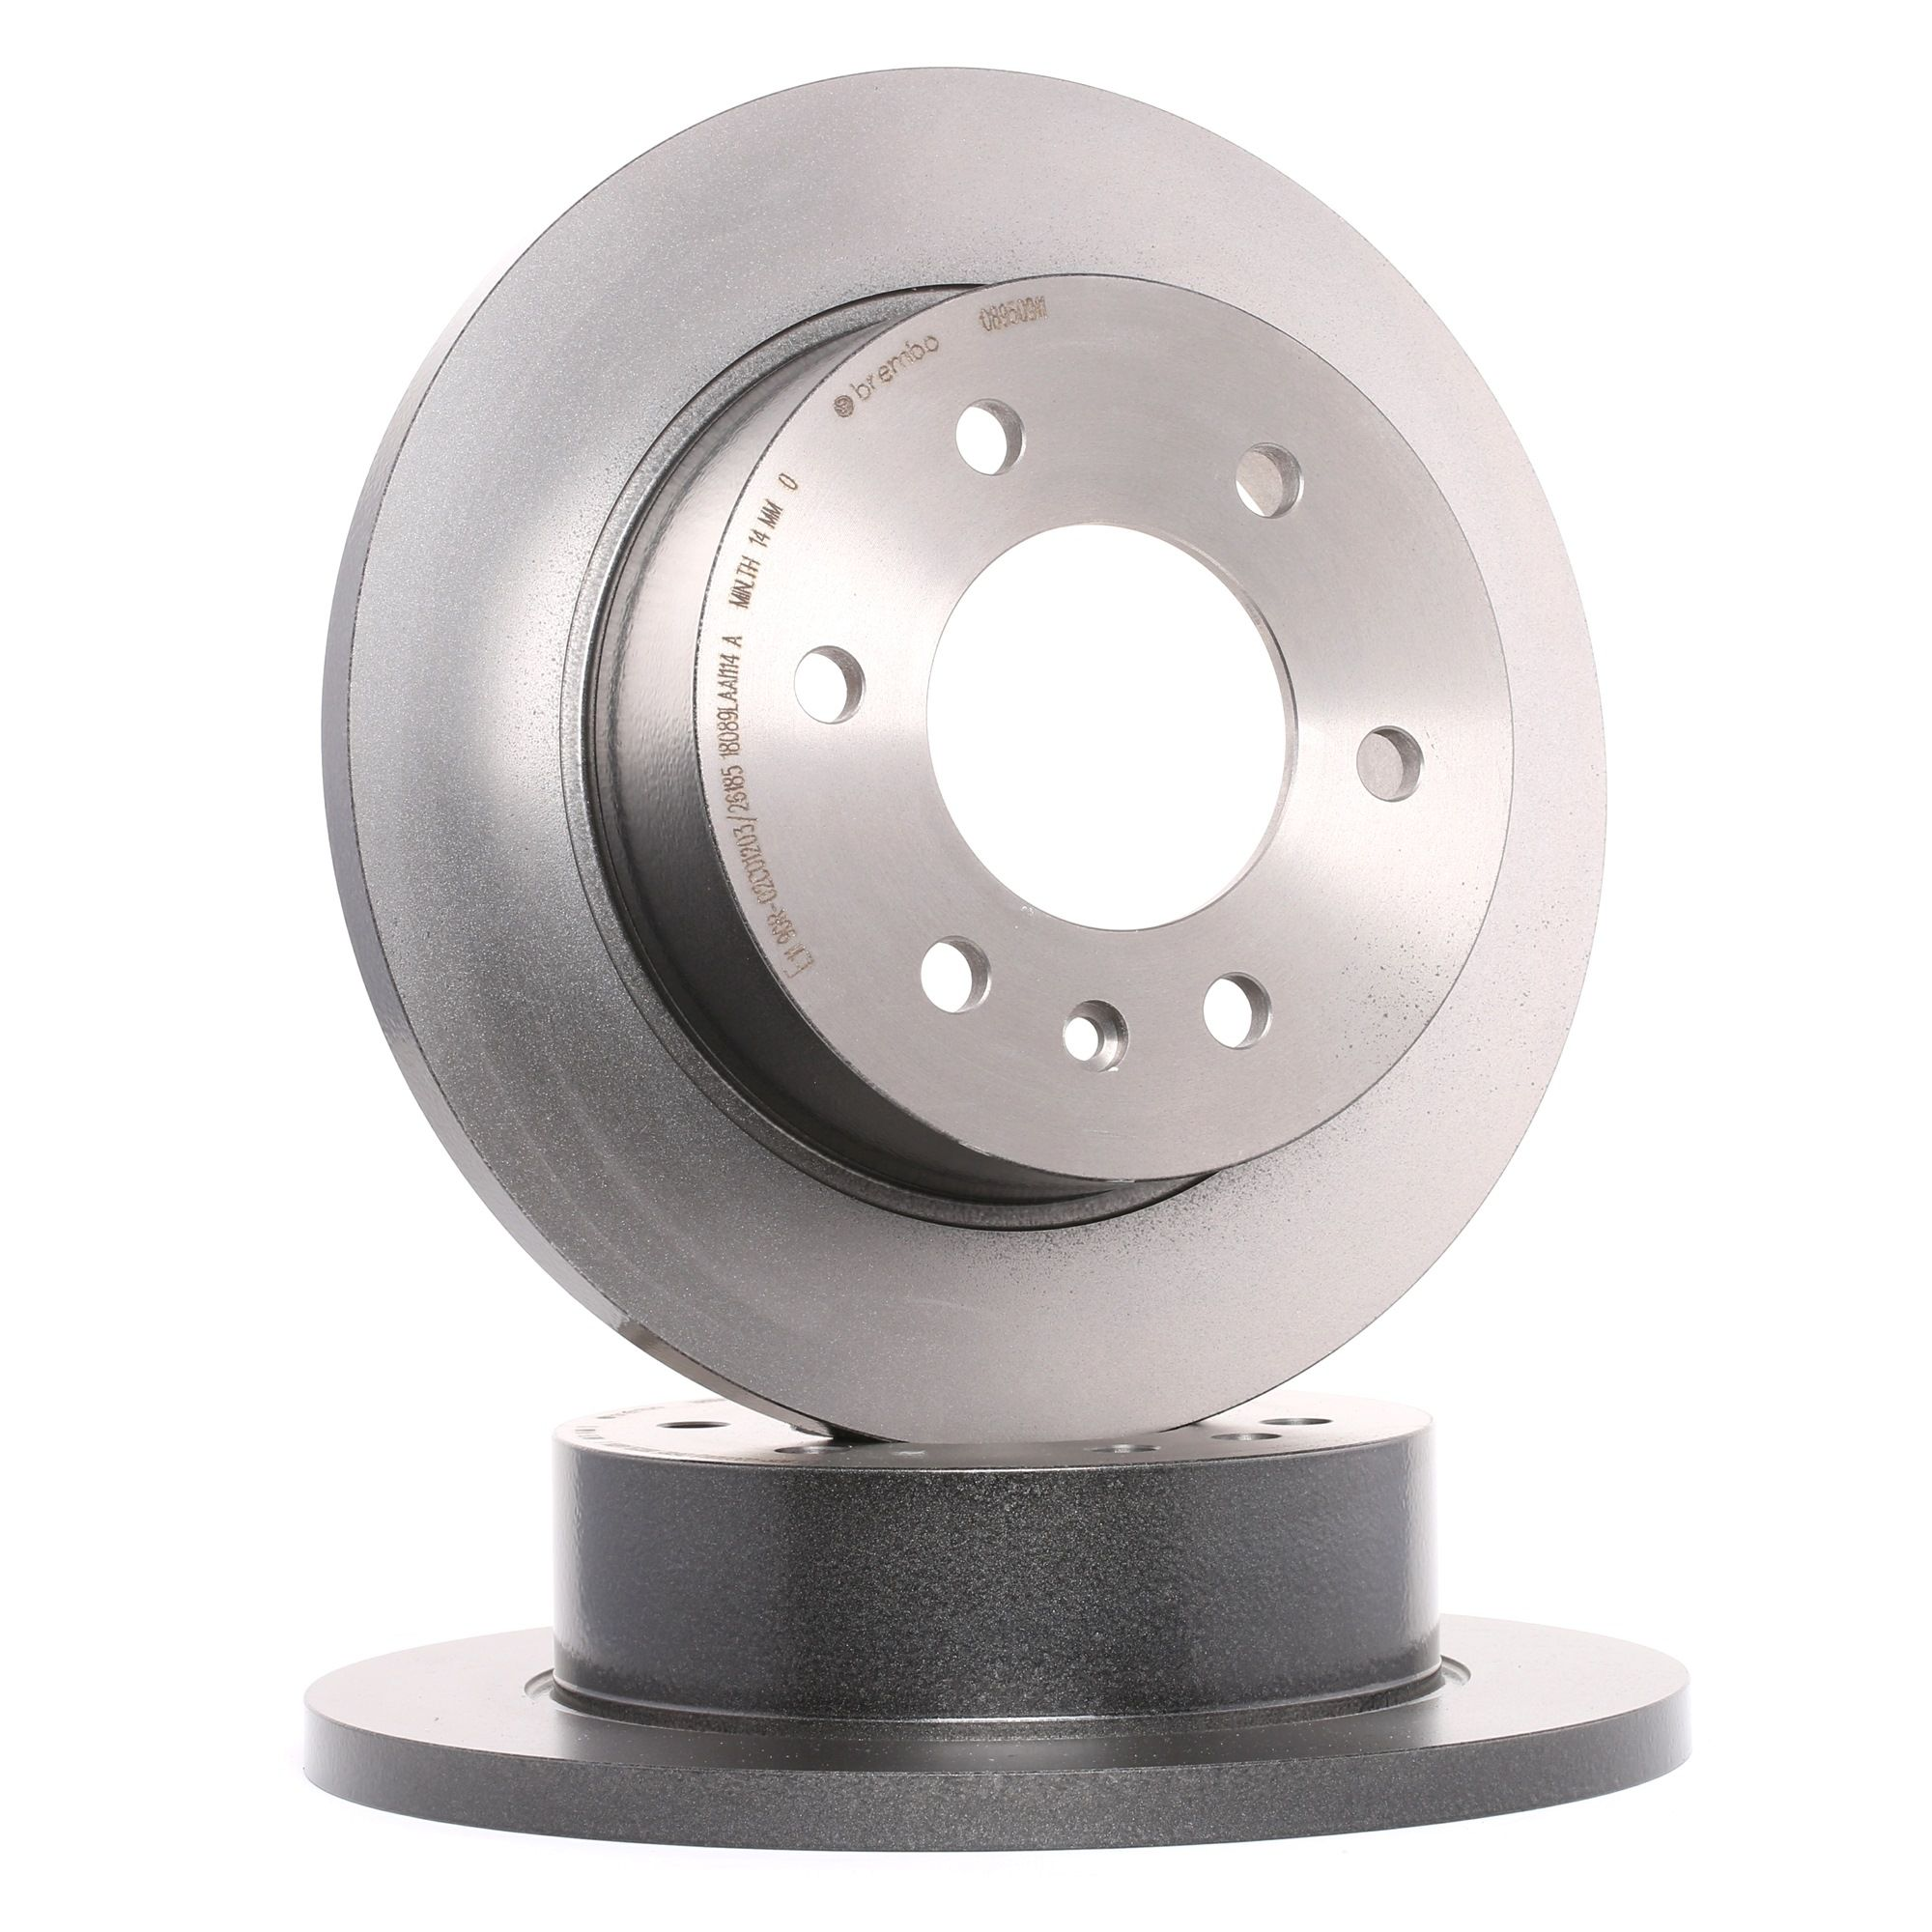 Achetez Disque BREMBO 08.9509.11 (Ø: 298mm, Nbre de trous: 6, Épaisseur du disque de frein: 16mm) à un rapport qualité-prix exceptionnel